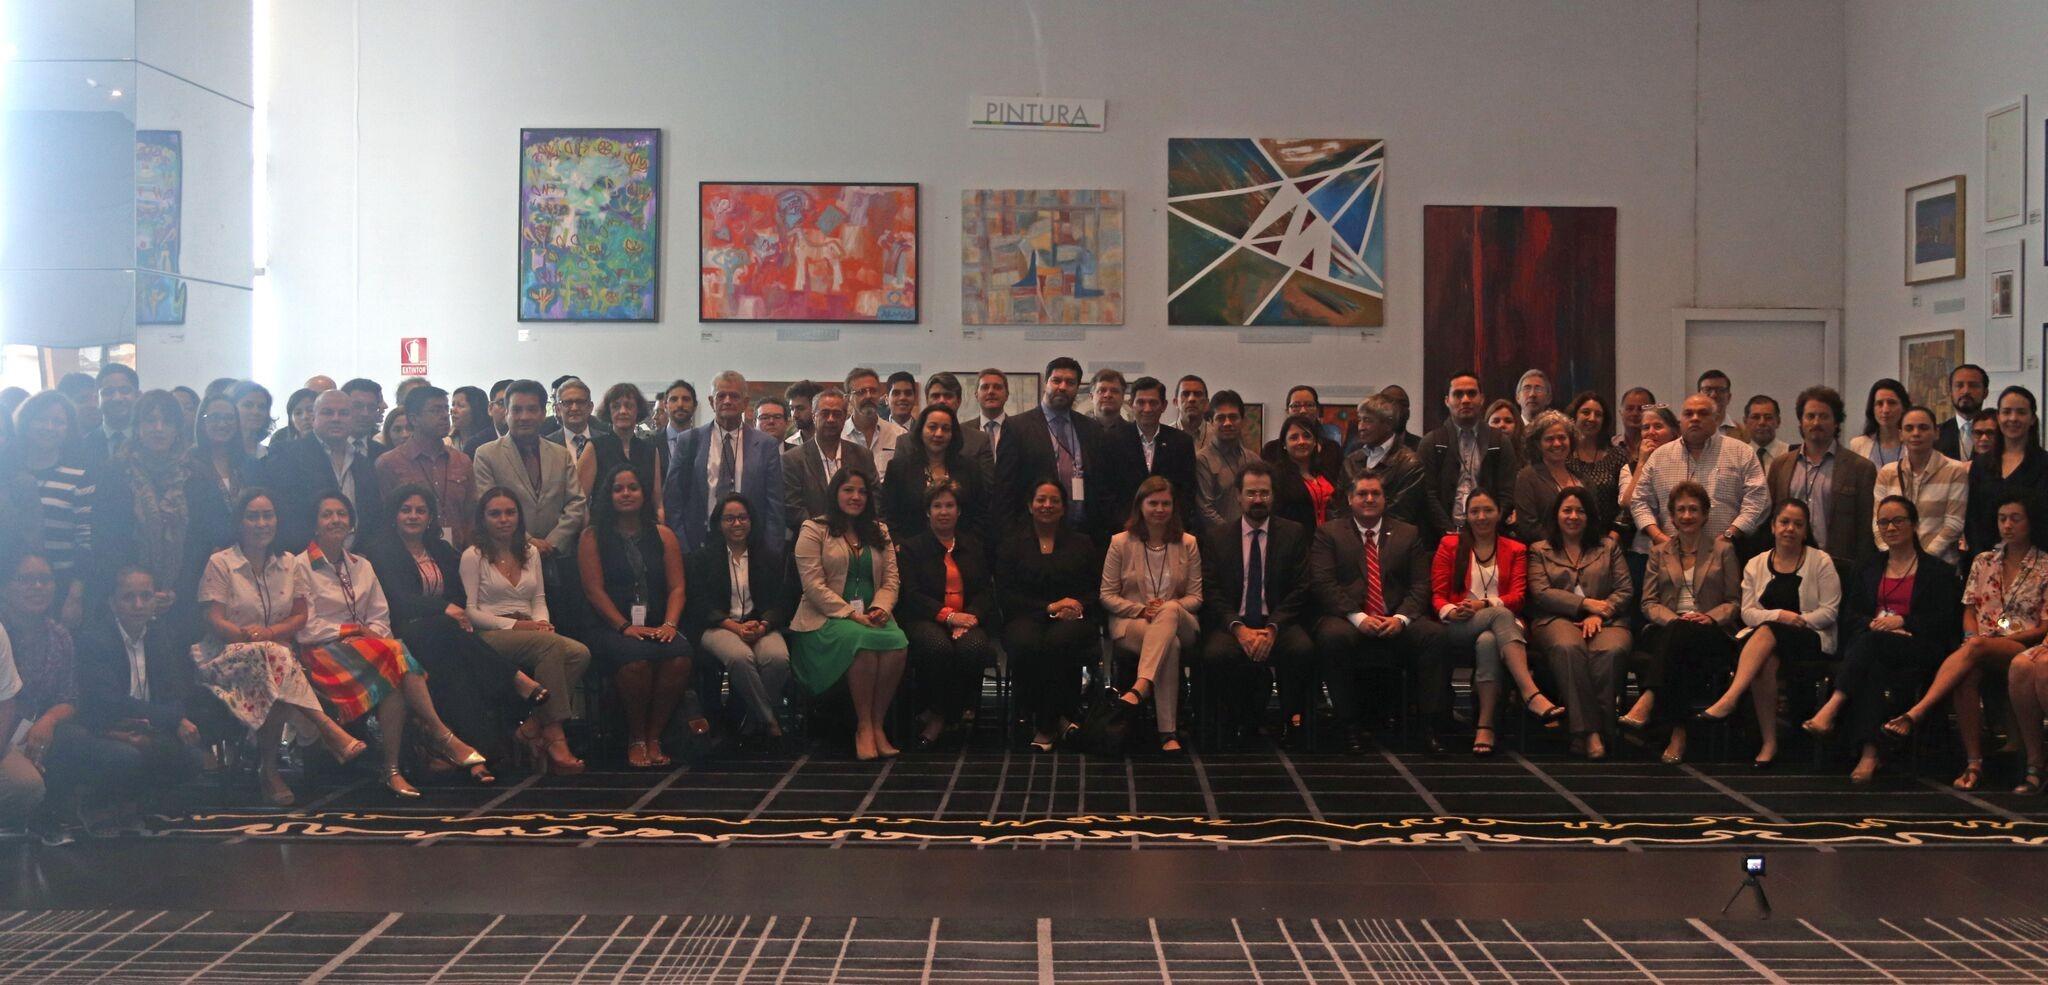 2018, Ciudad de Panamá, Panamá - Exposición Regional sobre Planes Nacionales de Adaptación América Latina (NAP Expo 2018)